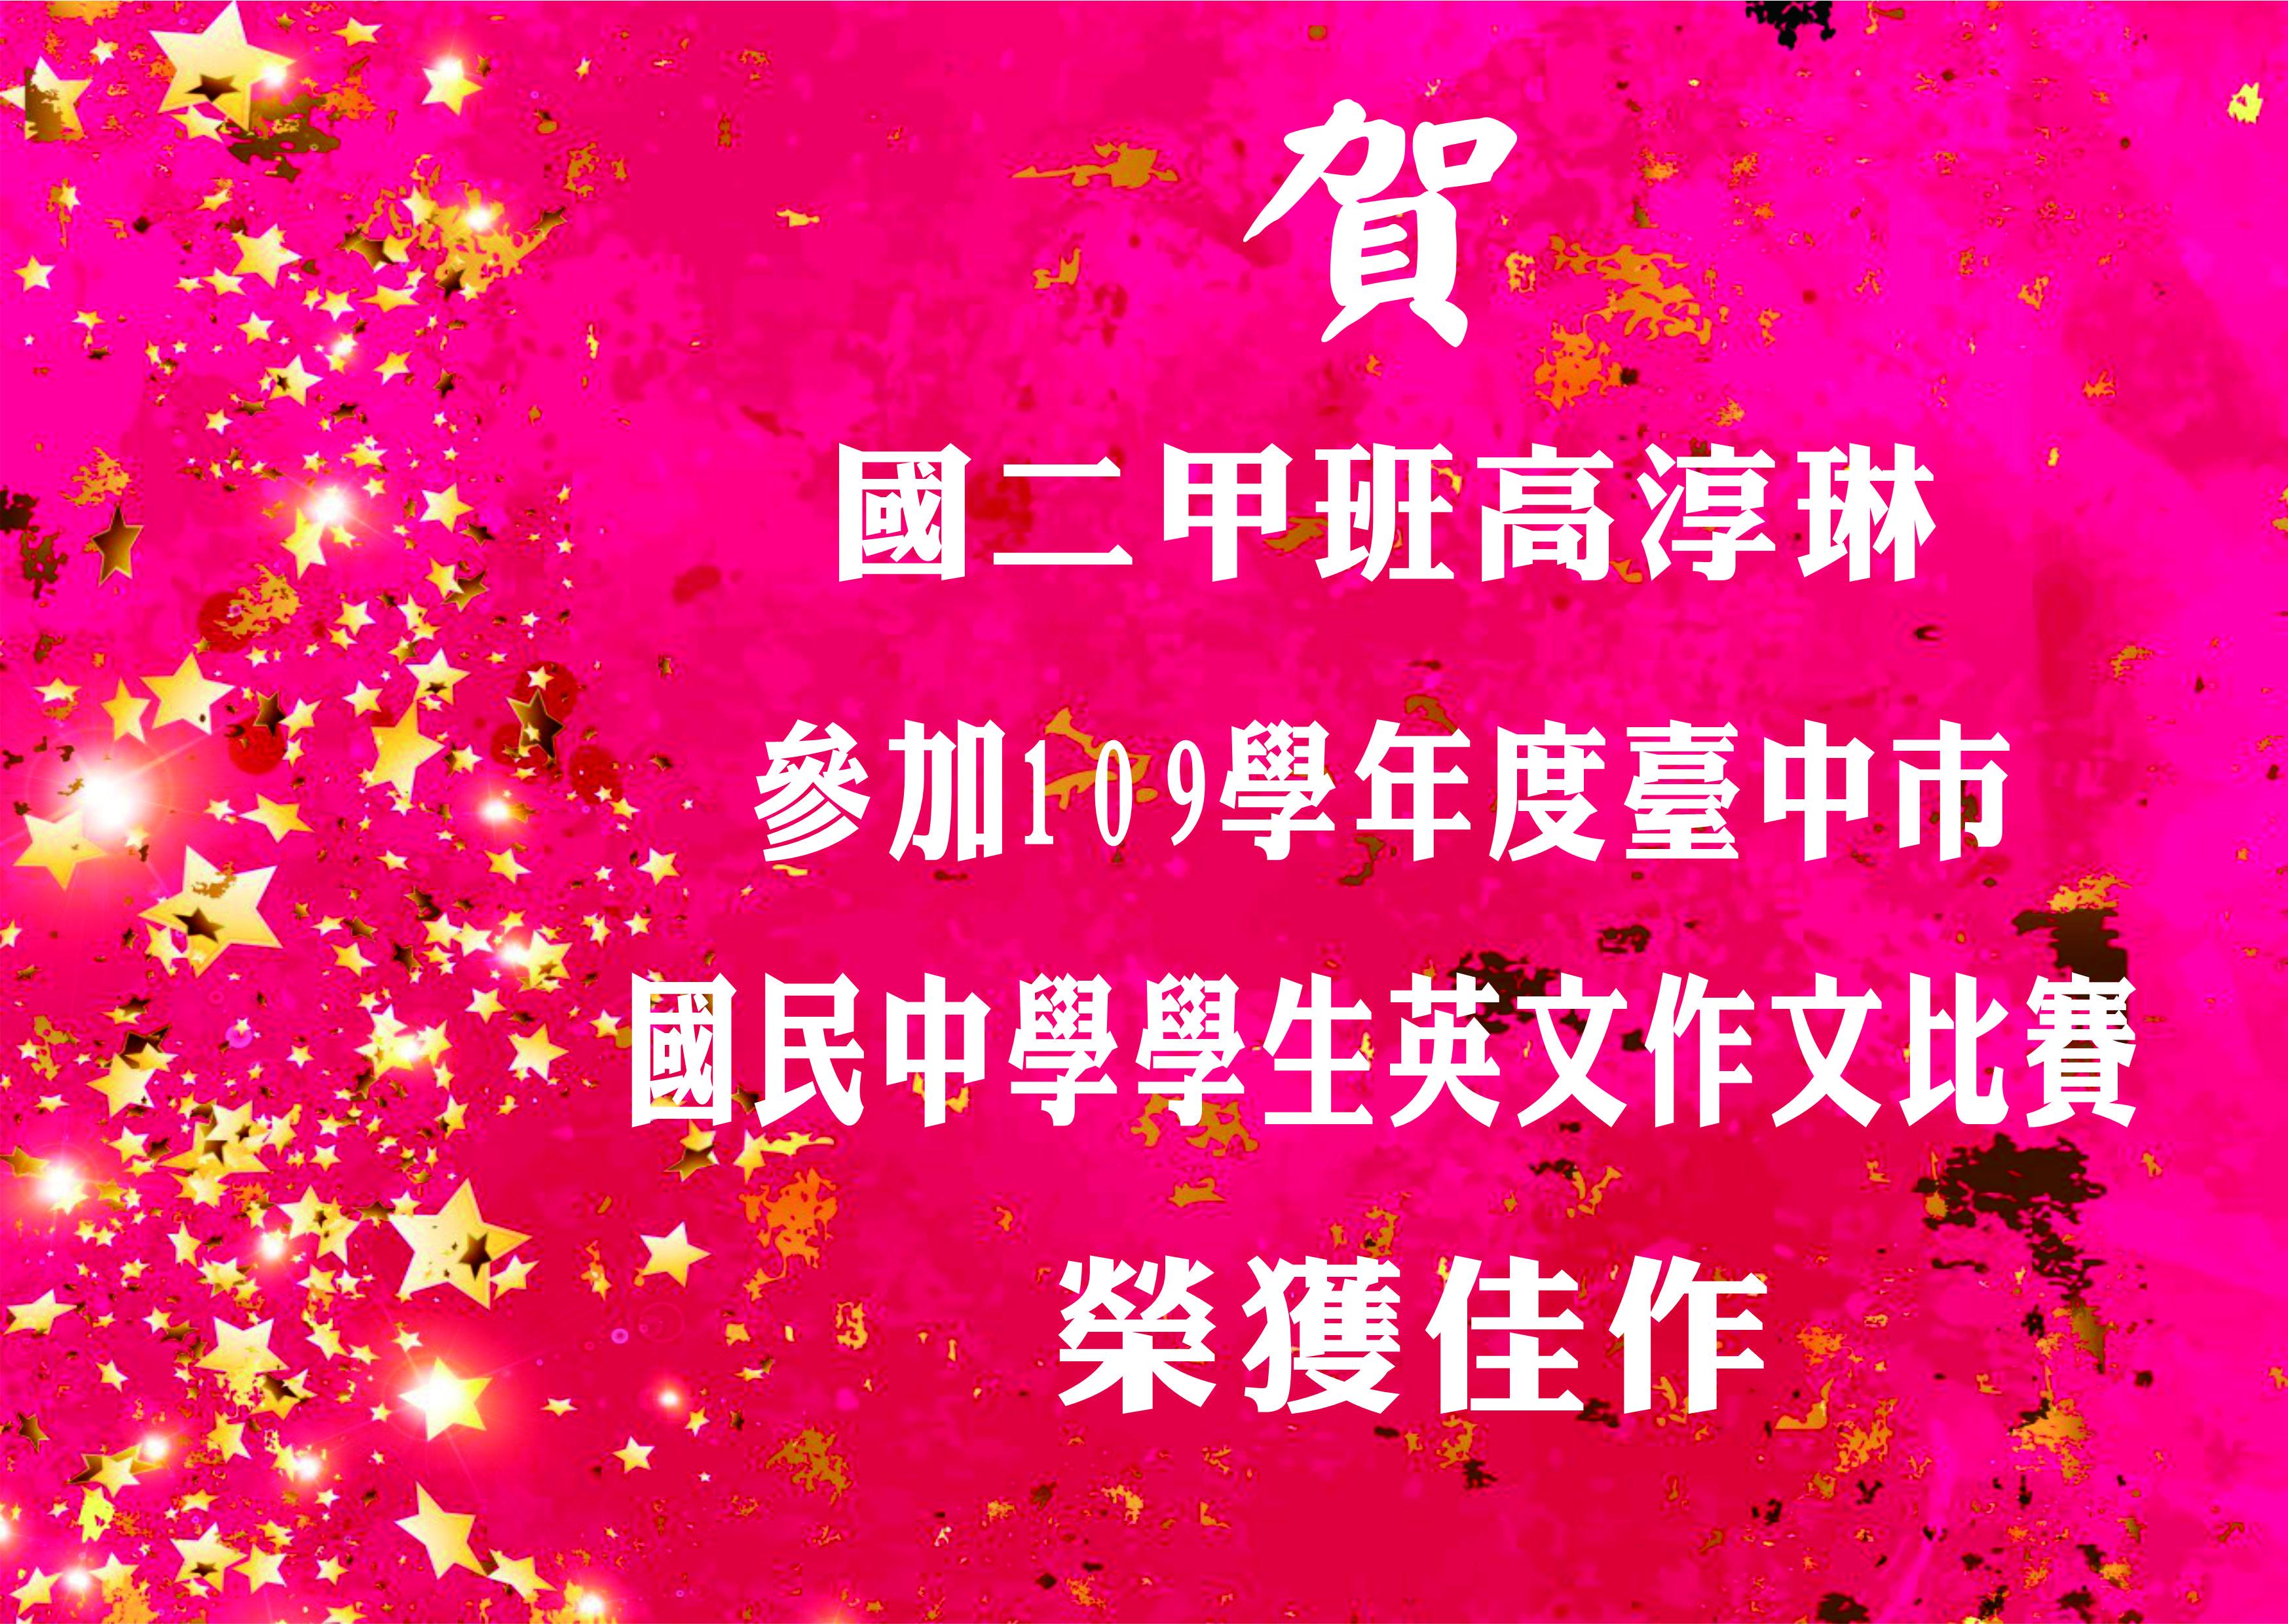 狂賀~國二甲高淳琳同學參加「109年度臺中市國民中學學生英文作文比賽」榮獲佳作!